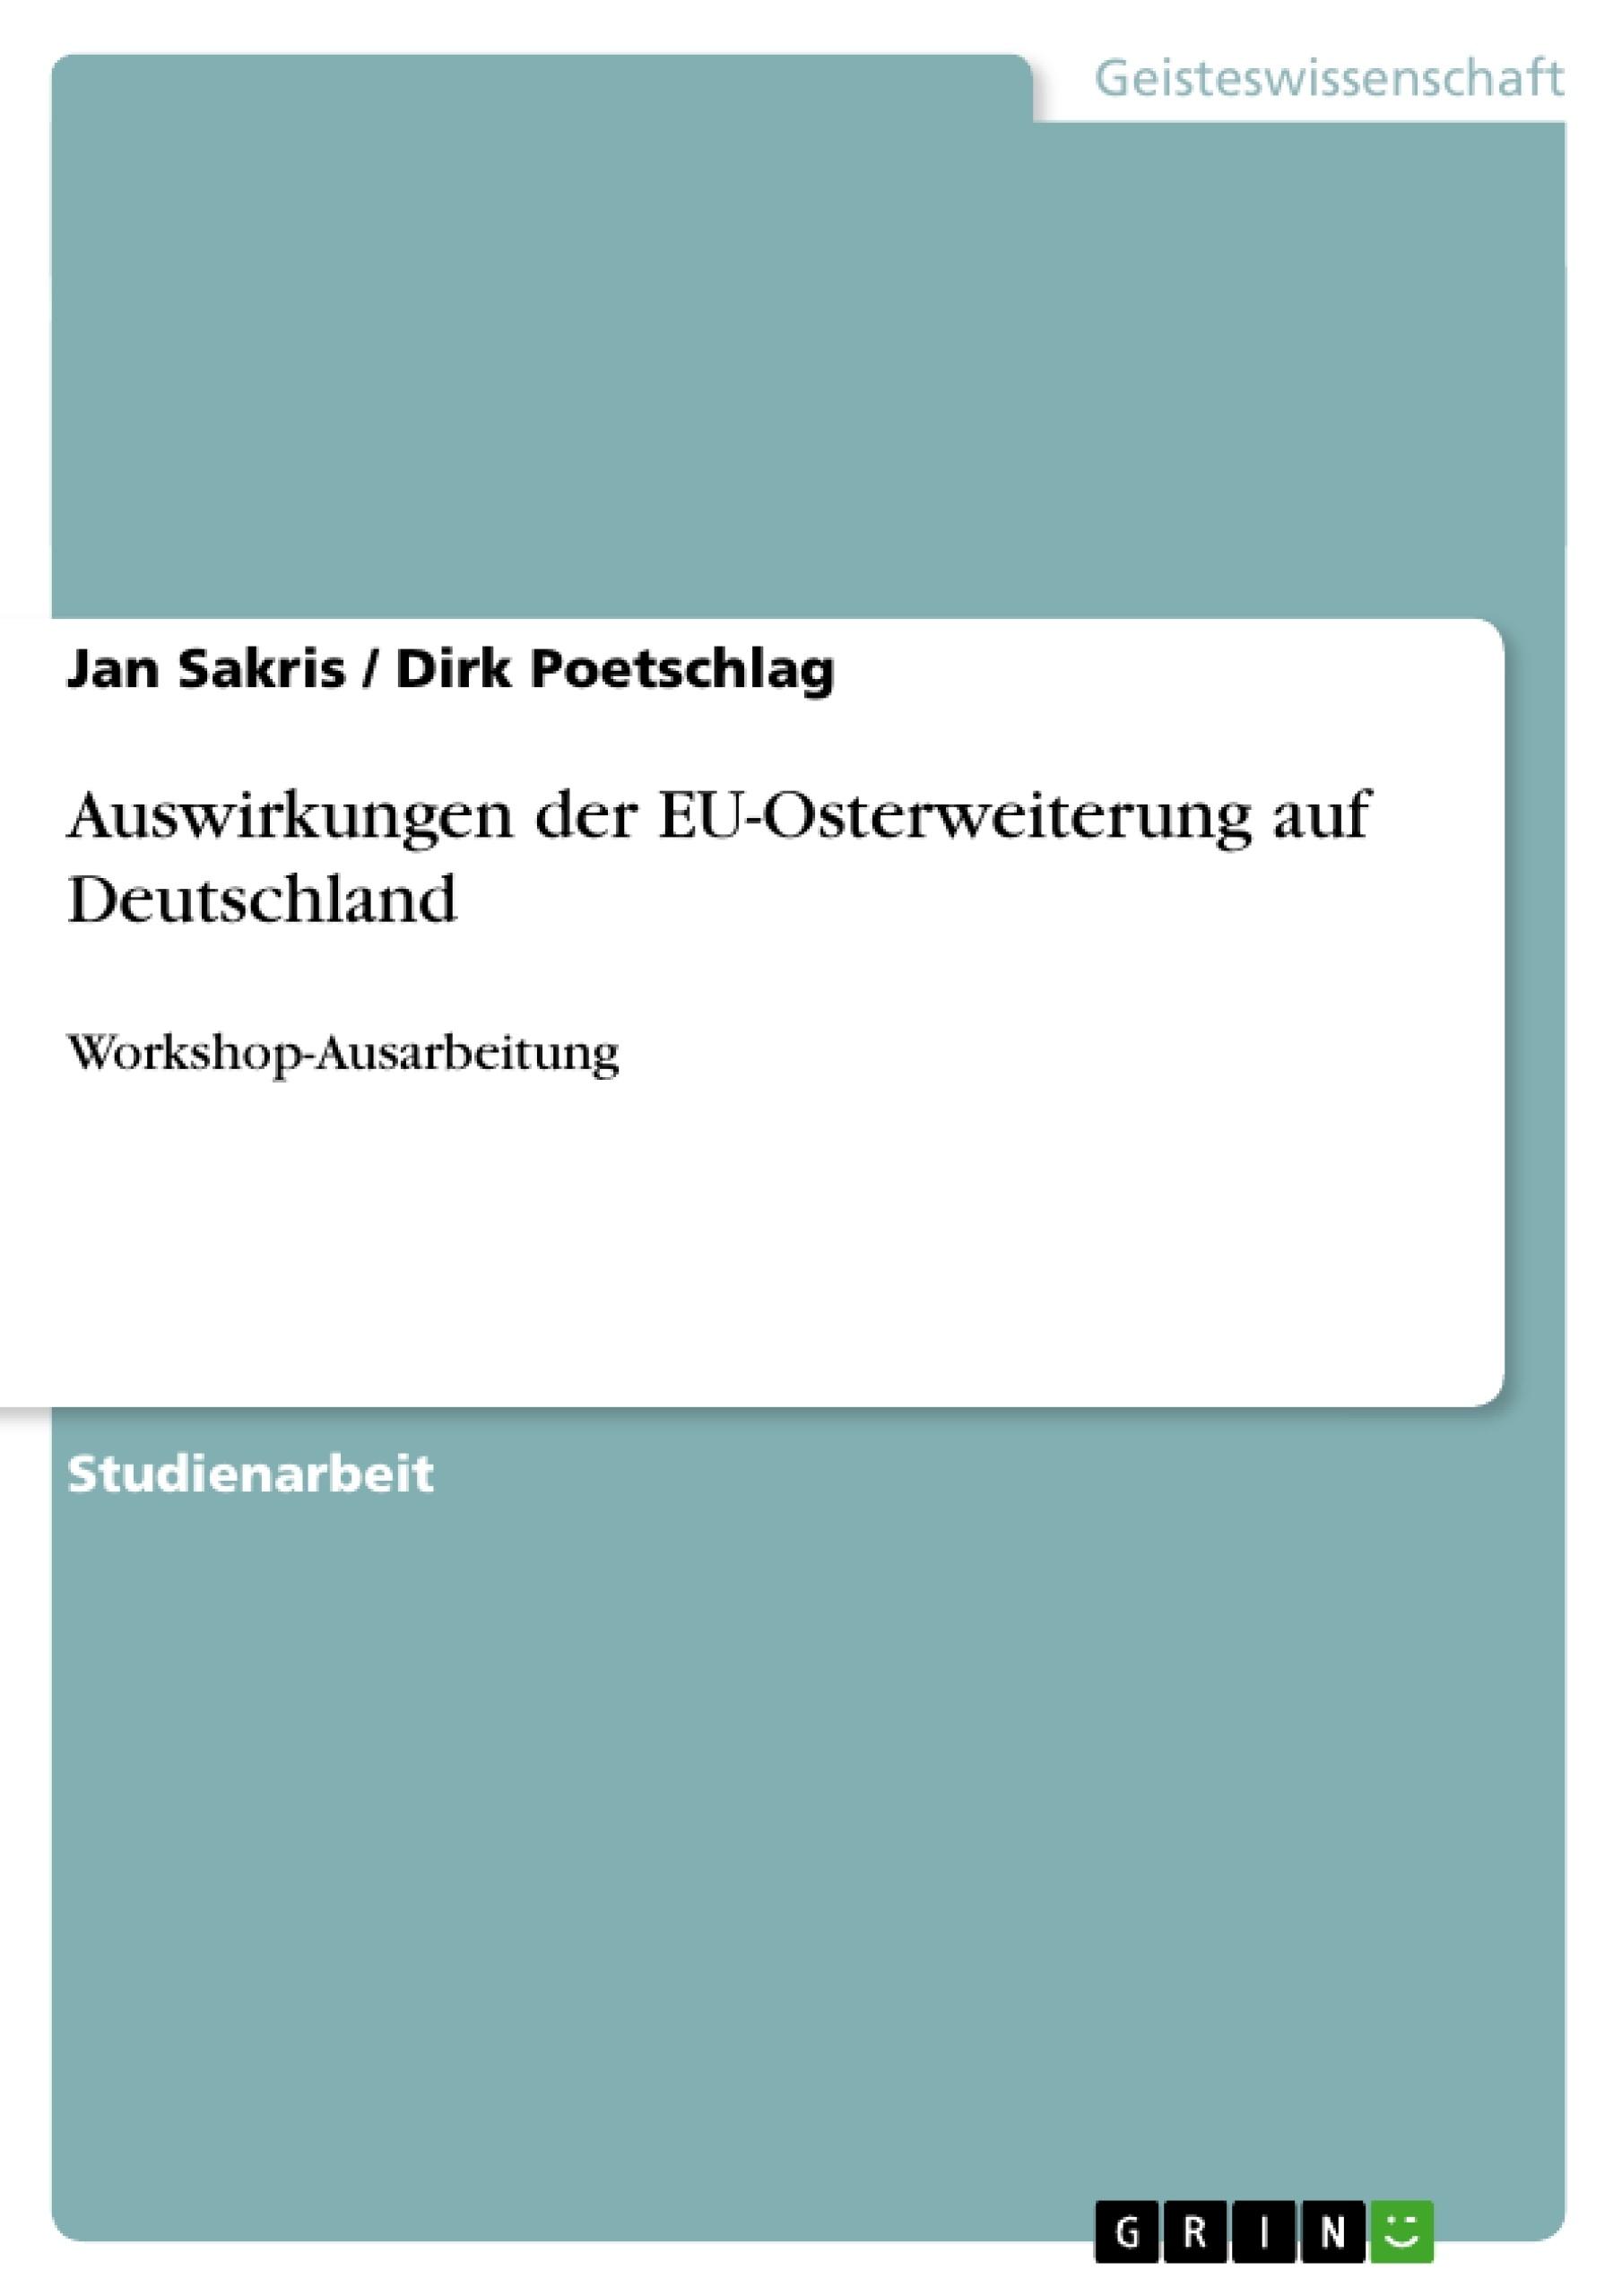 Titel: Auswirkungen der EU-Osterweiterung auf Deutschland